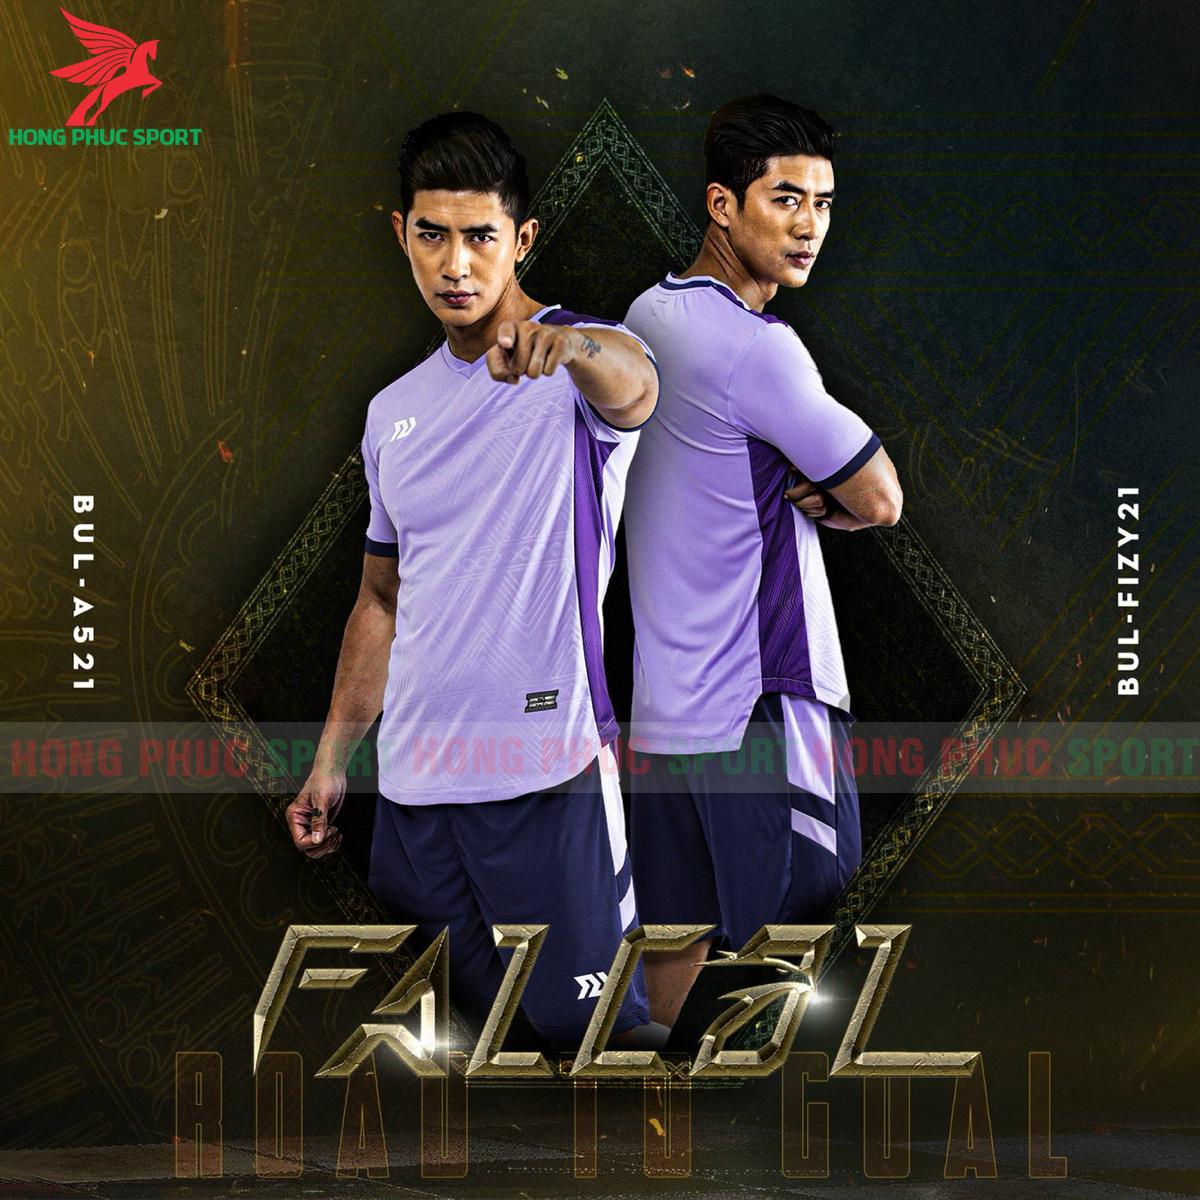 Áo đá banh không logo Bulbal Falcol 2021 màu tím (2)